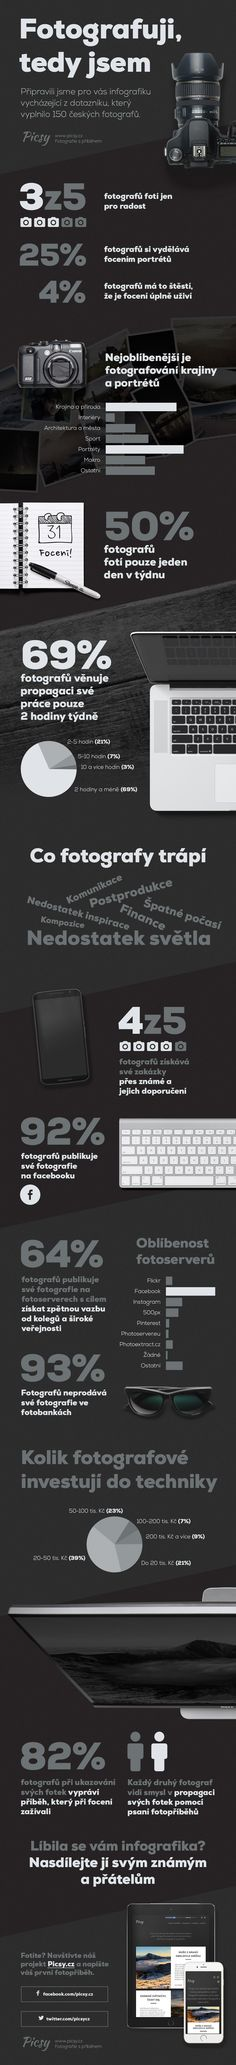 #infografika #foto #fotografove #igerscz #pruzkum #picsycz #fotopribehy